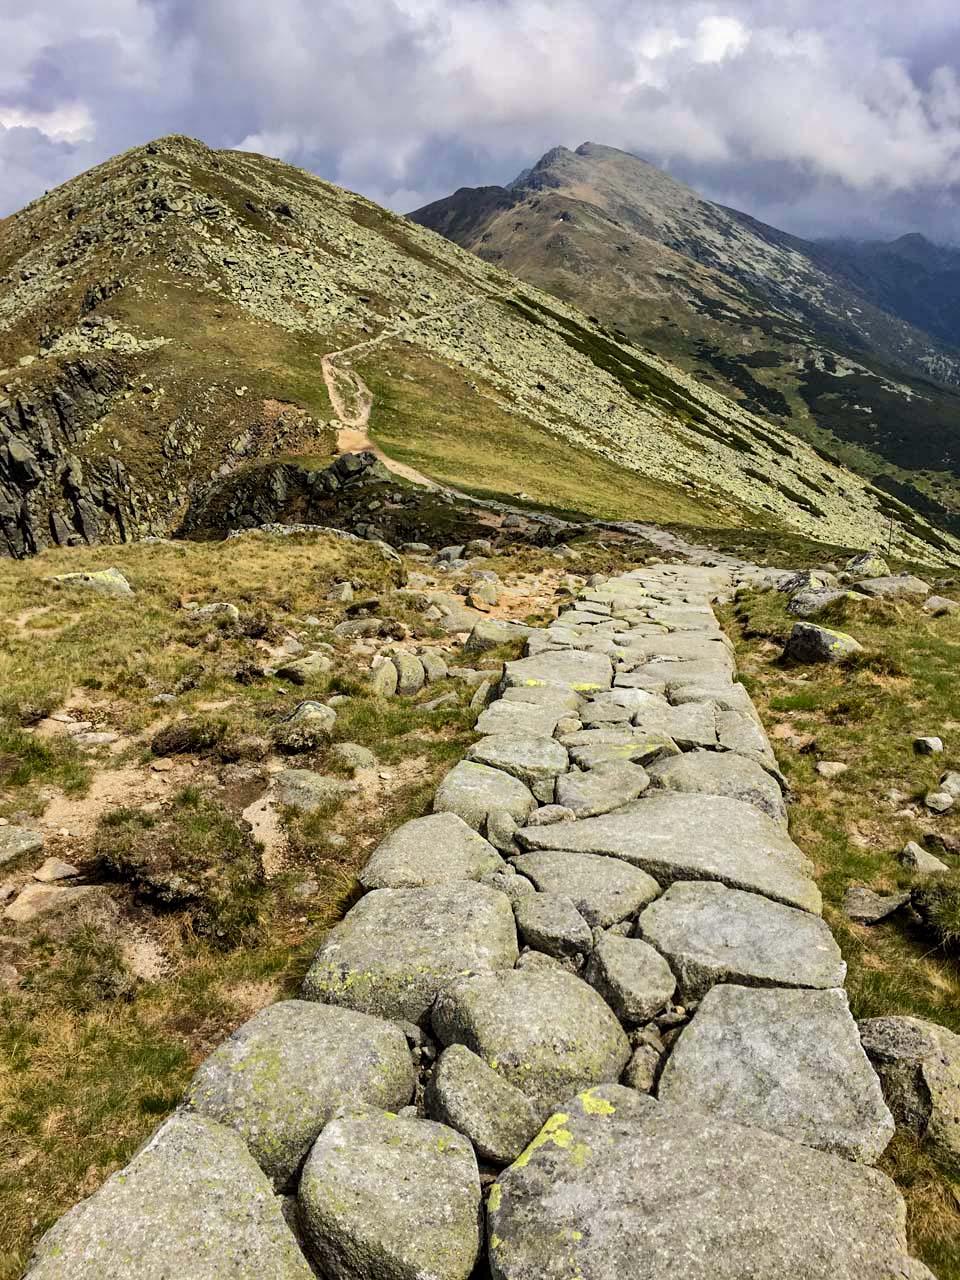 Hrebeňovka Nízkych Tatier Krásny chodníček, ktorý na jednej časti lemuje hrebeň